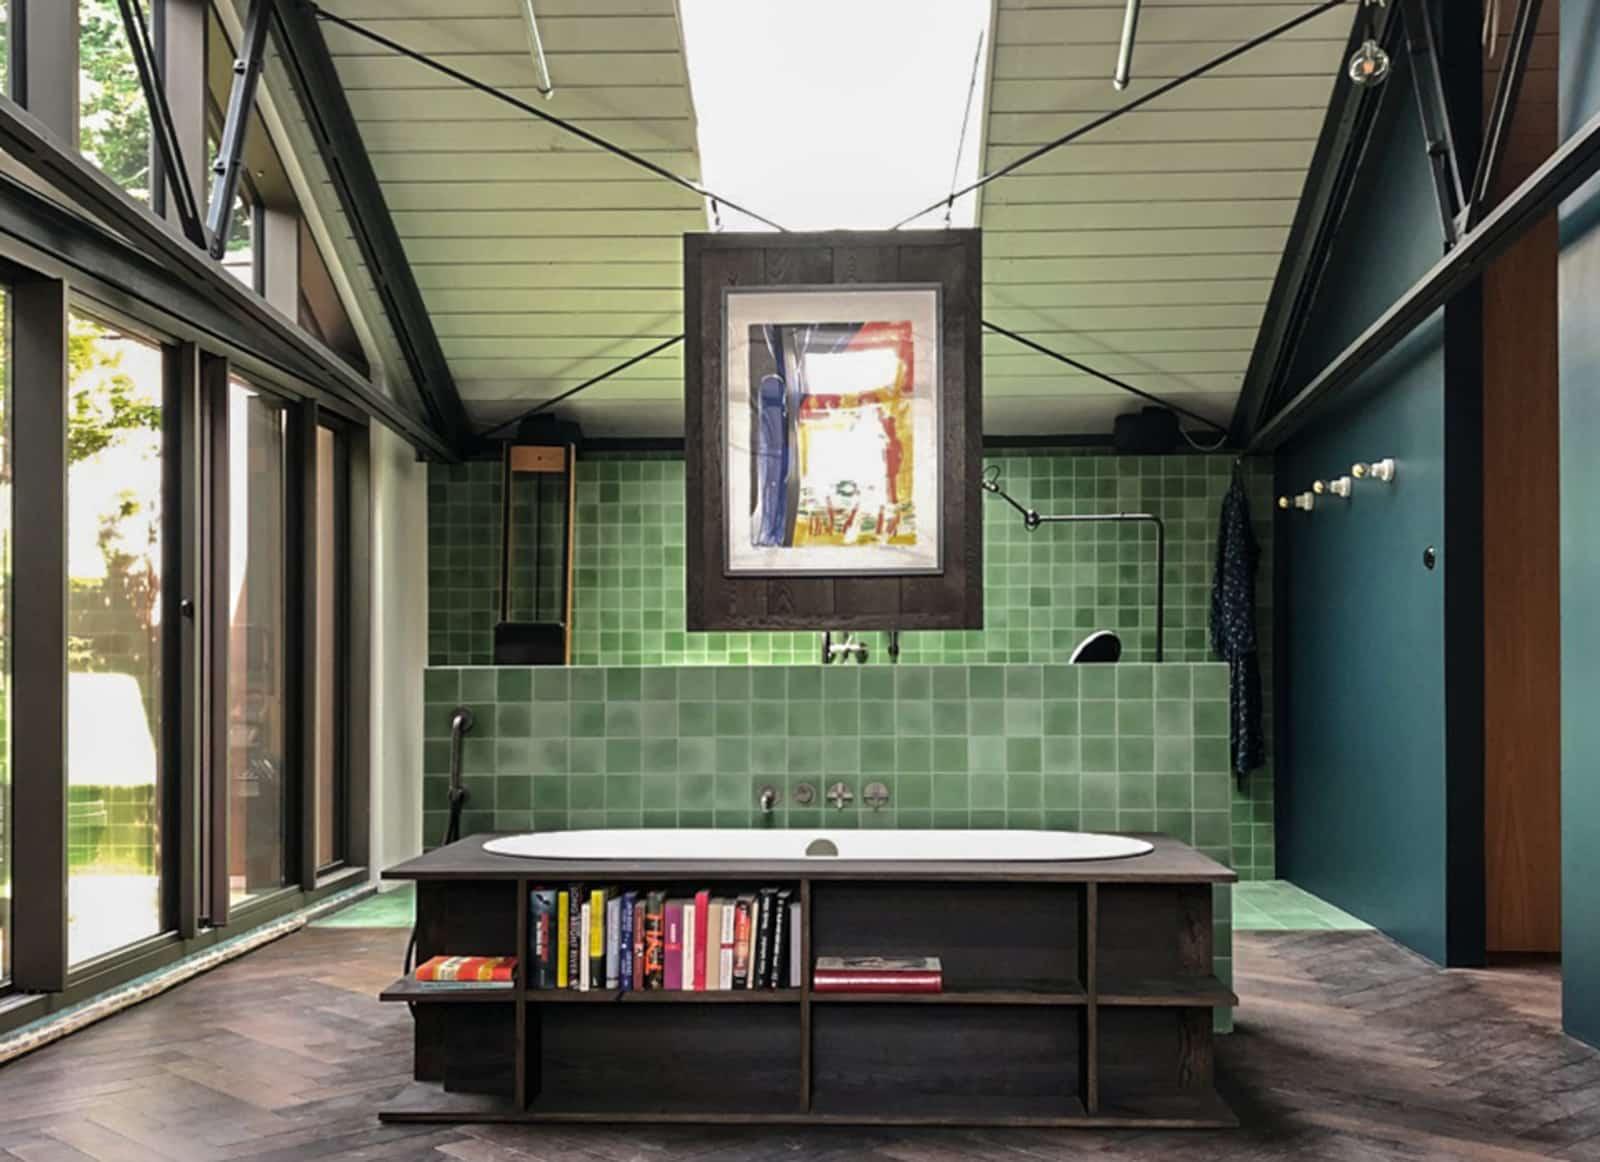 zementfliesen-terrazzofliesen-kreidefarbe-terrazzo-fugenlos-viaplatten-053-022-Foto-Giorgio-Gullotta-Architekten | N° 053